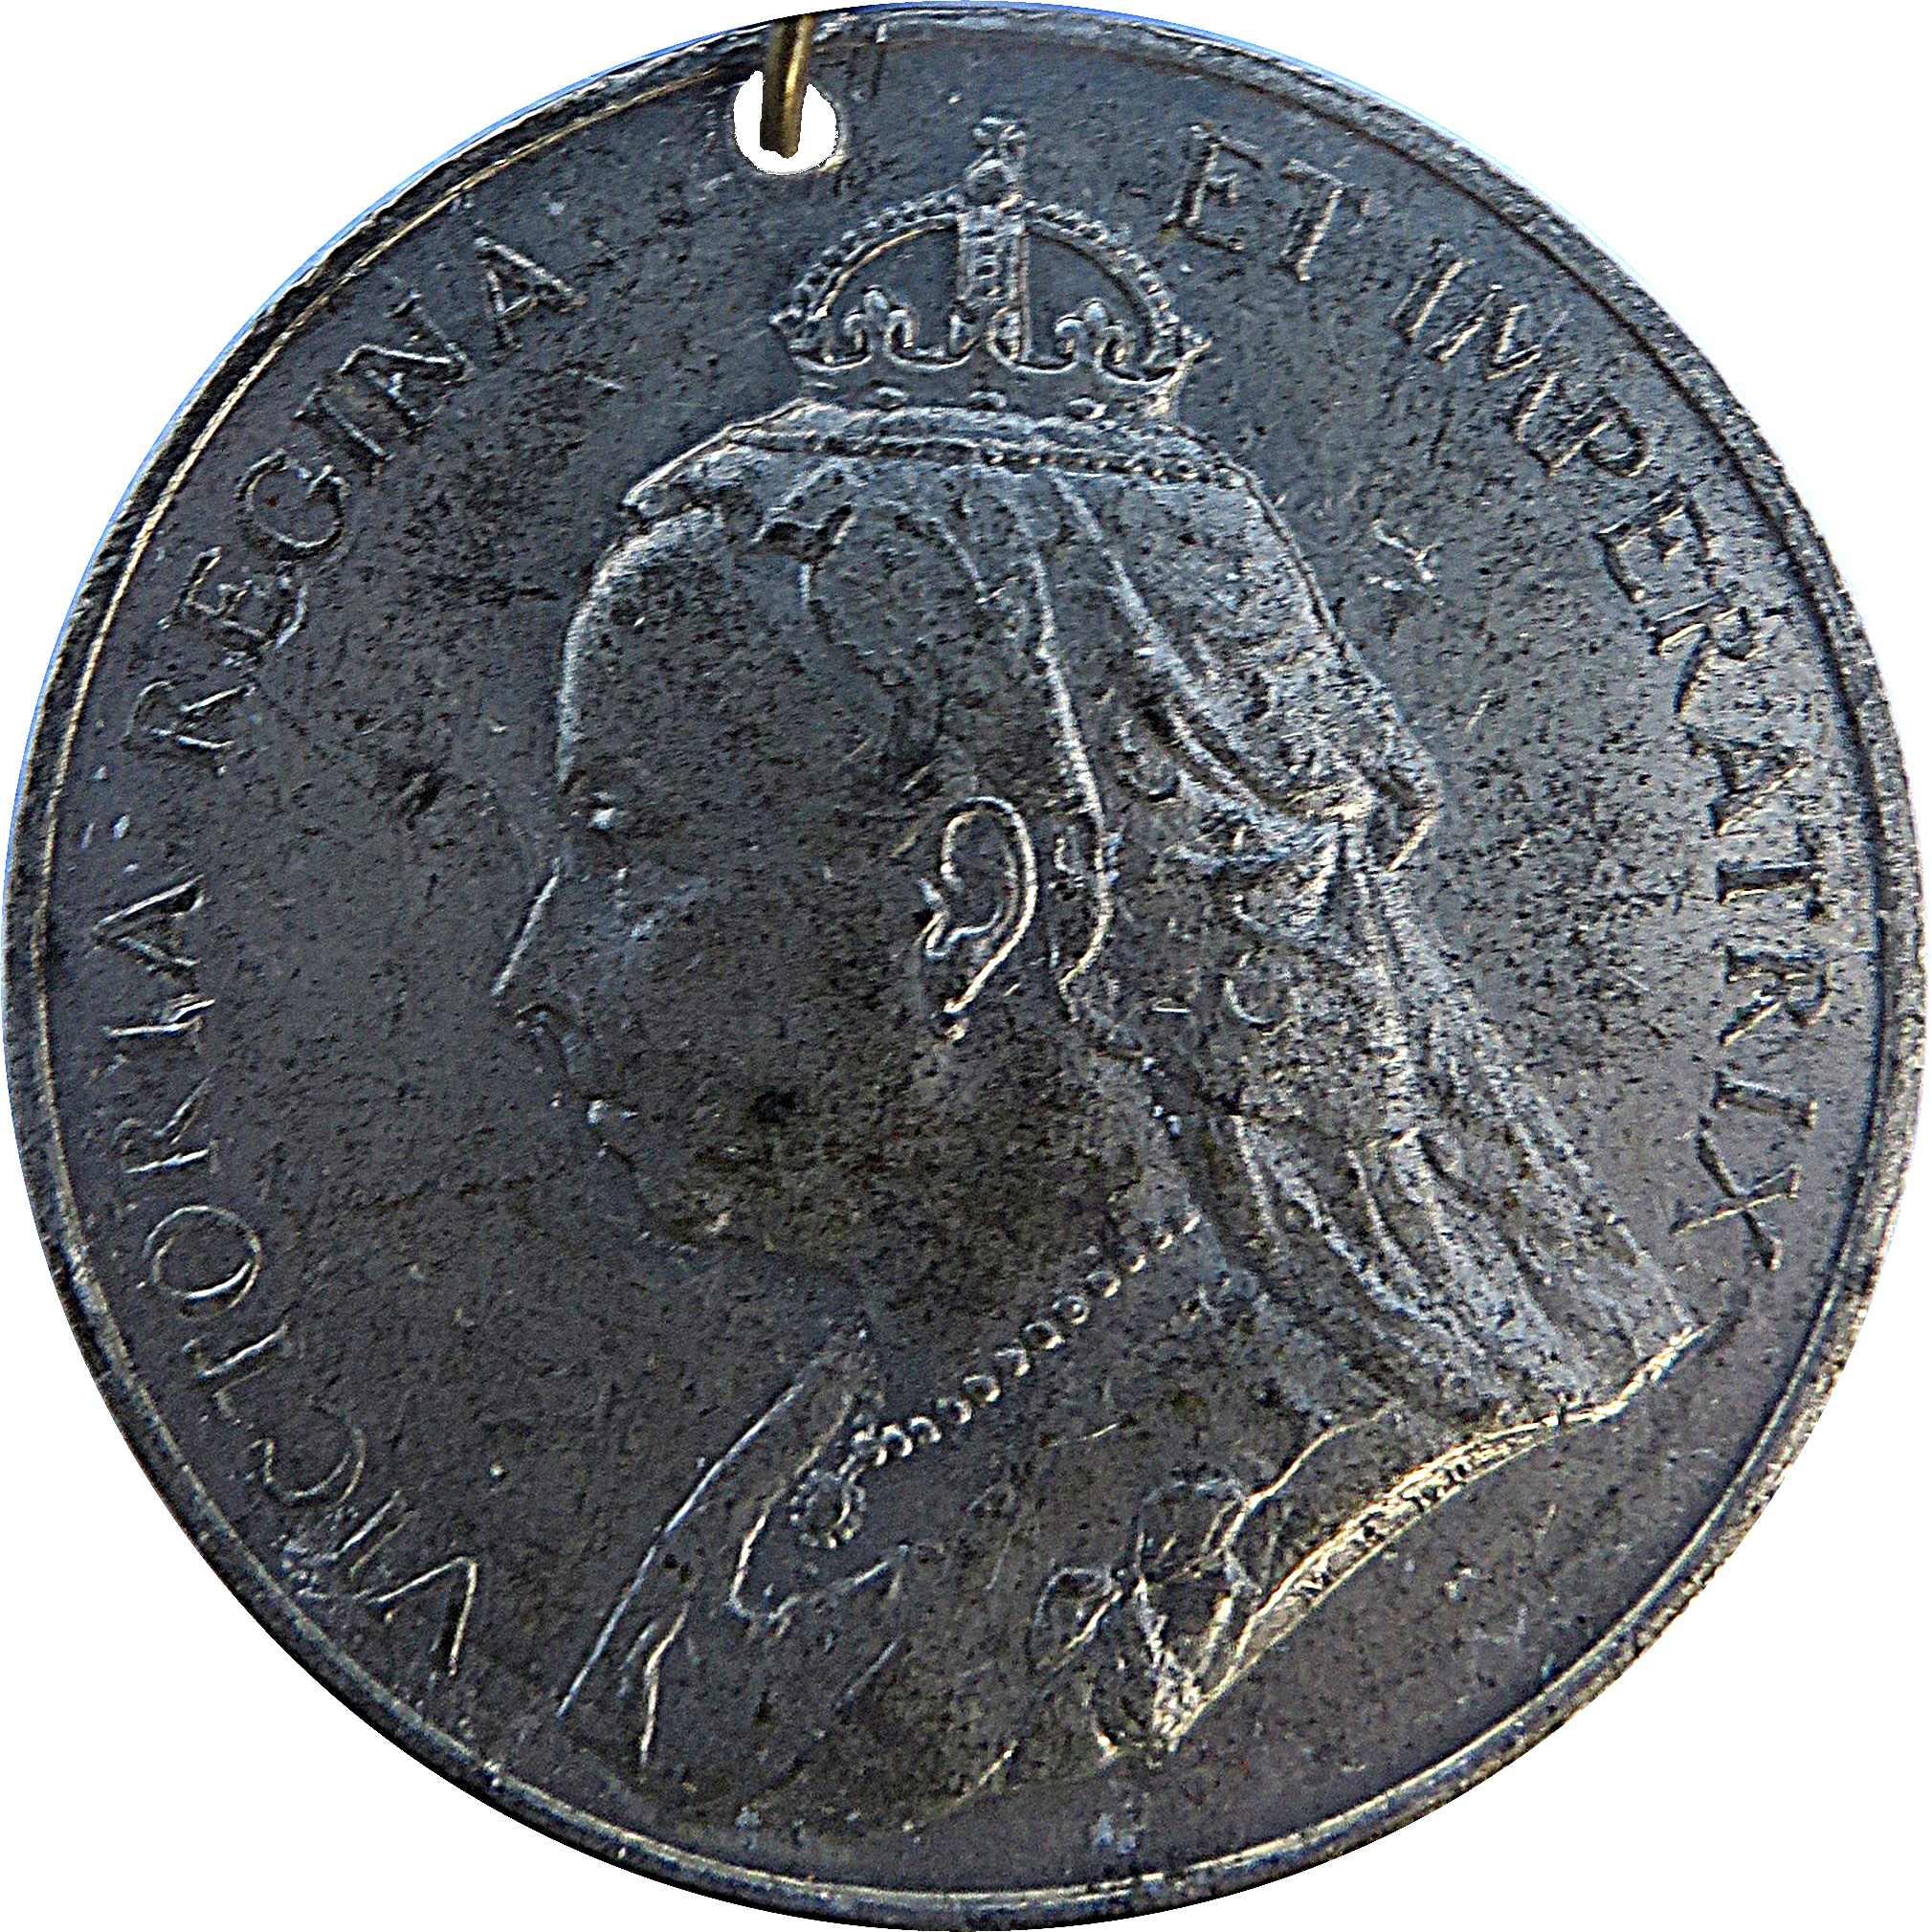 victoria regina et imperatrix coin